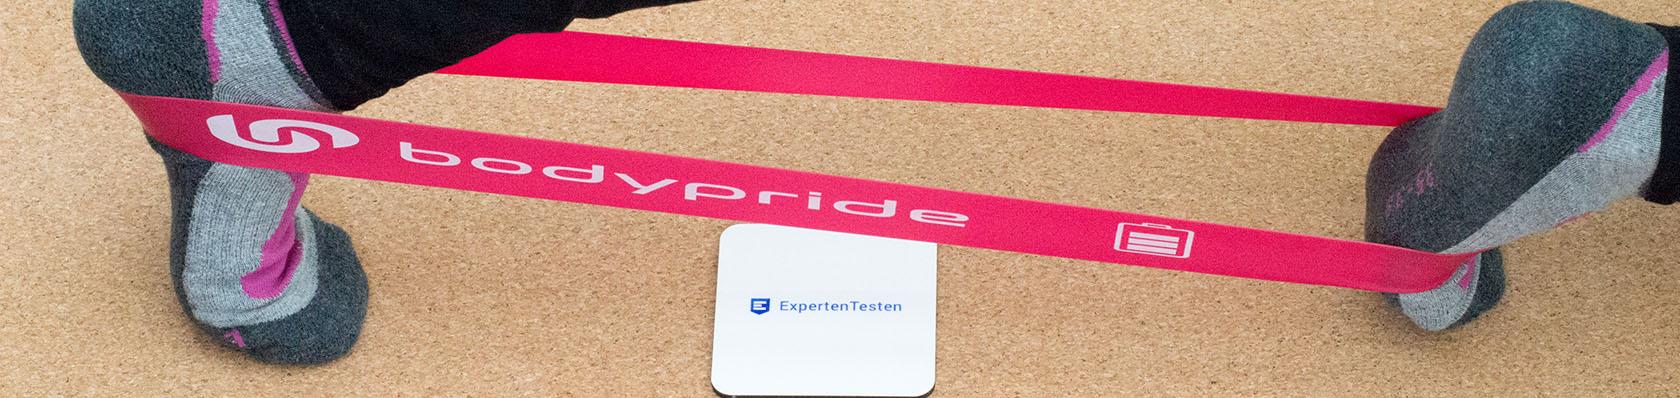 Fitnessbänder im Test auf ExpertenTesten.de